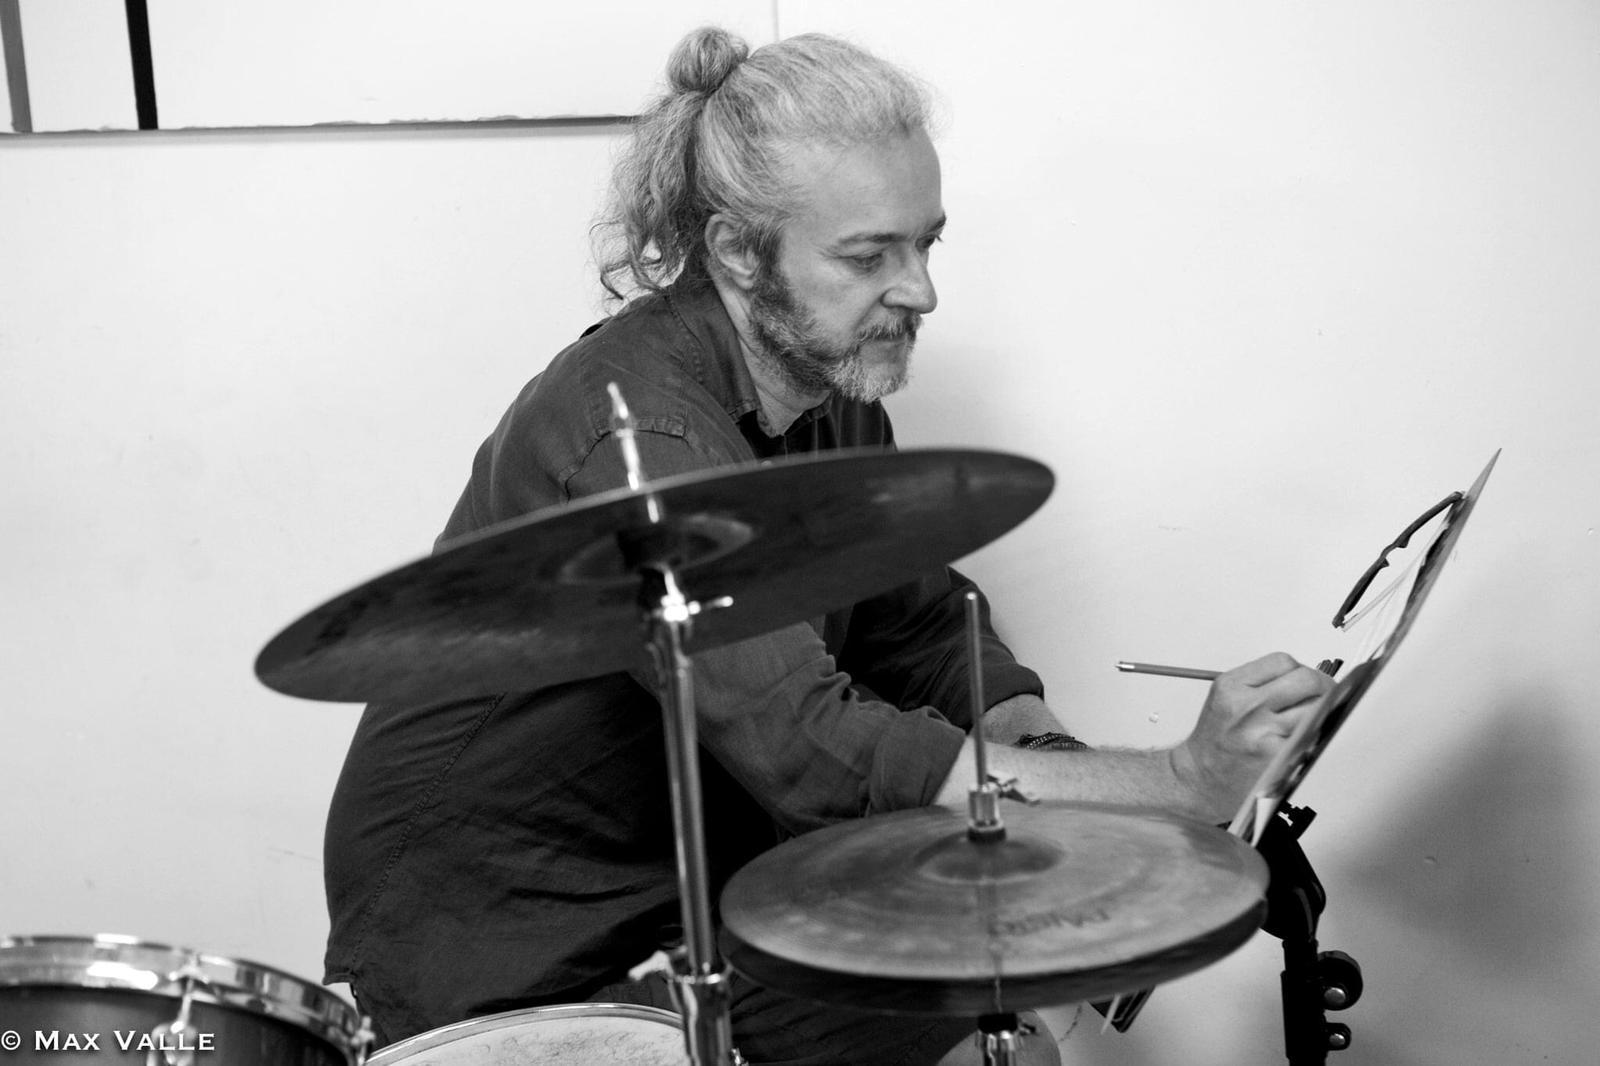 Rodolfo Cervetto